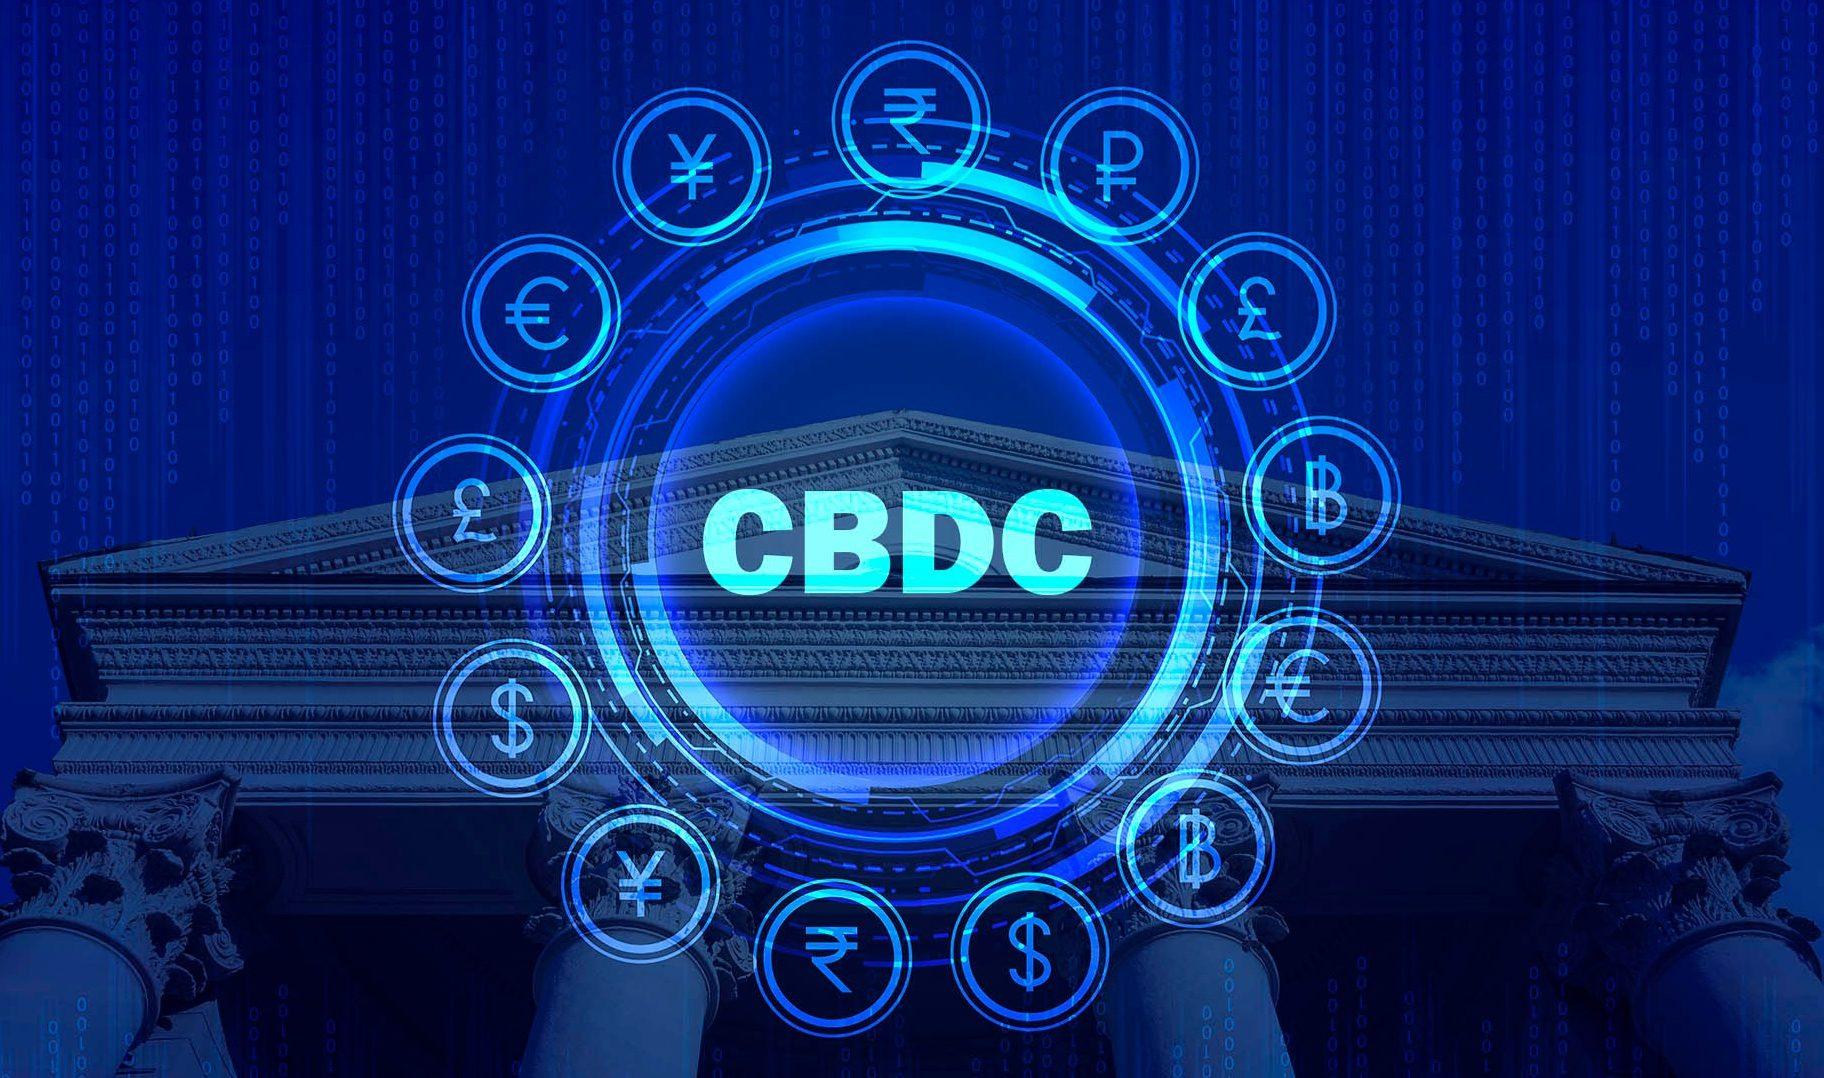 Los bancos centrales a nivel mundial muy interesados en imponer monedas digitales